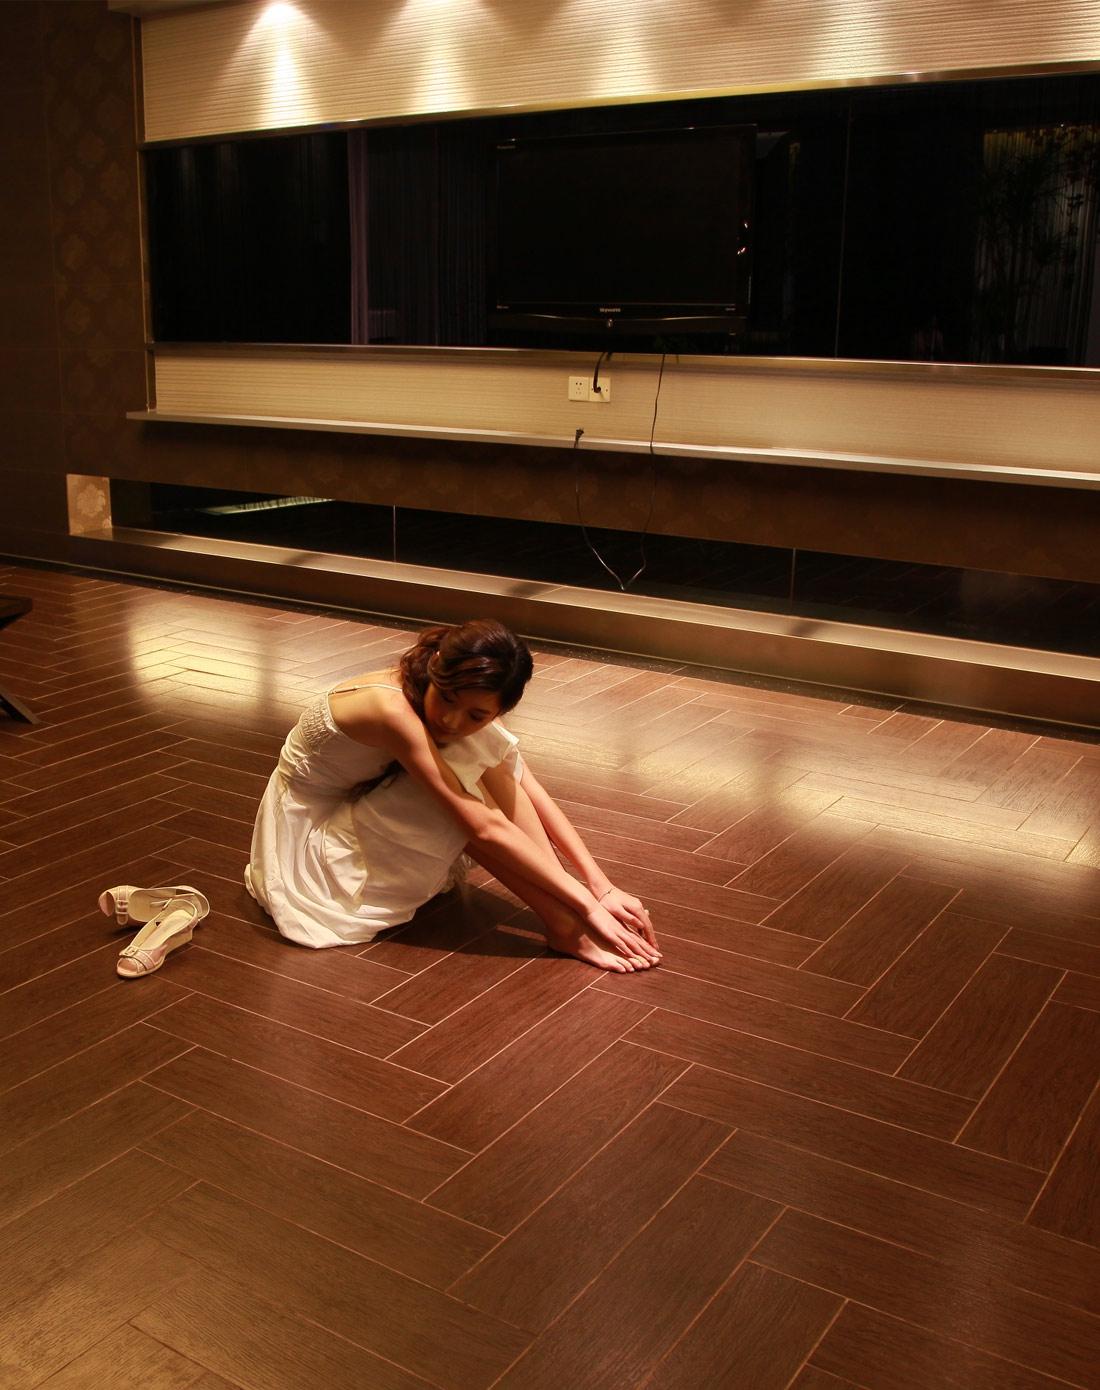 900*600橡木瓷木地板(片装)